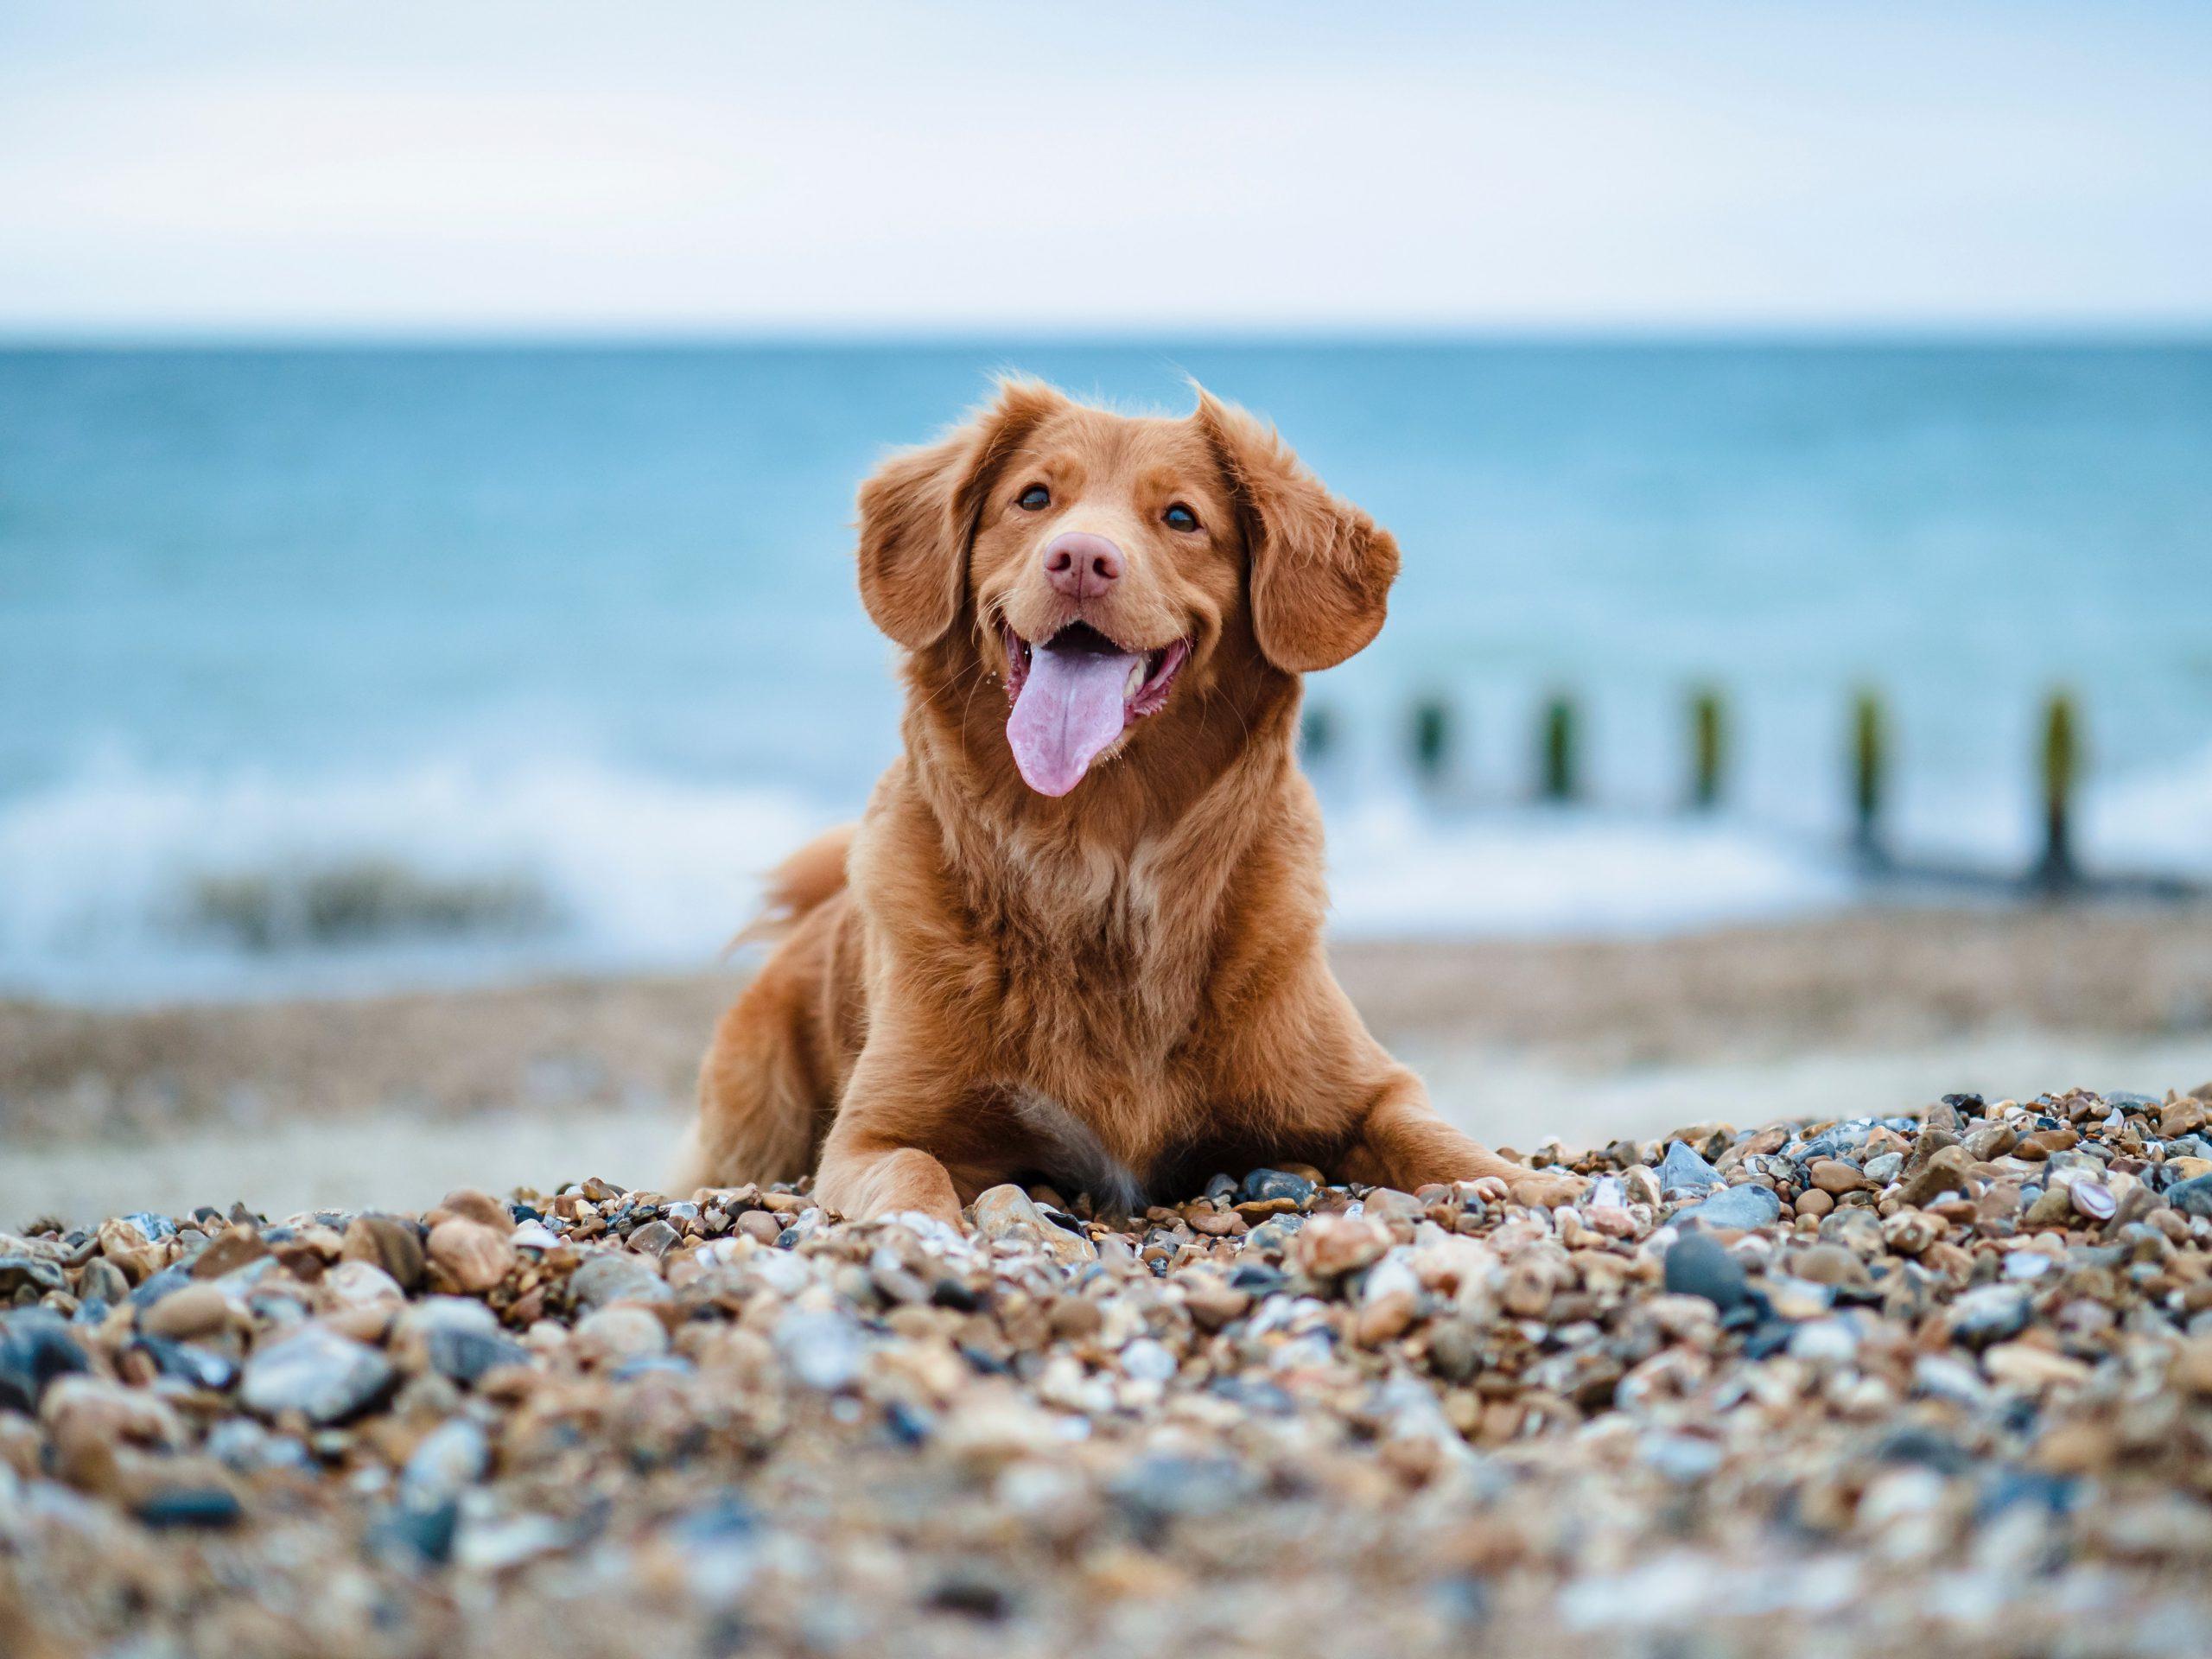 praias que permitem cães - cão na praia